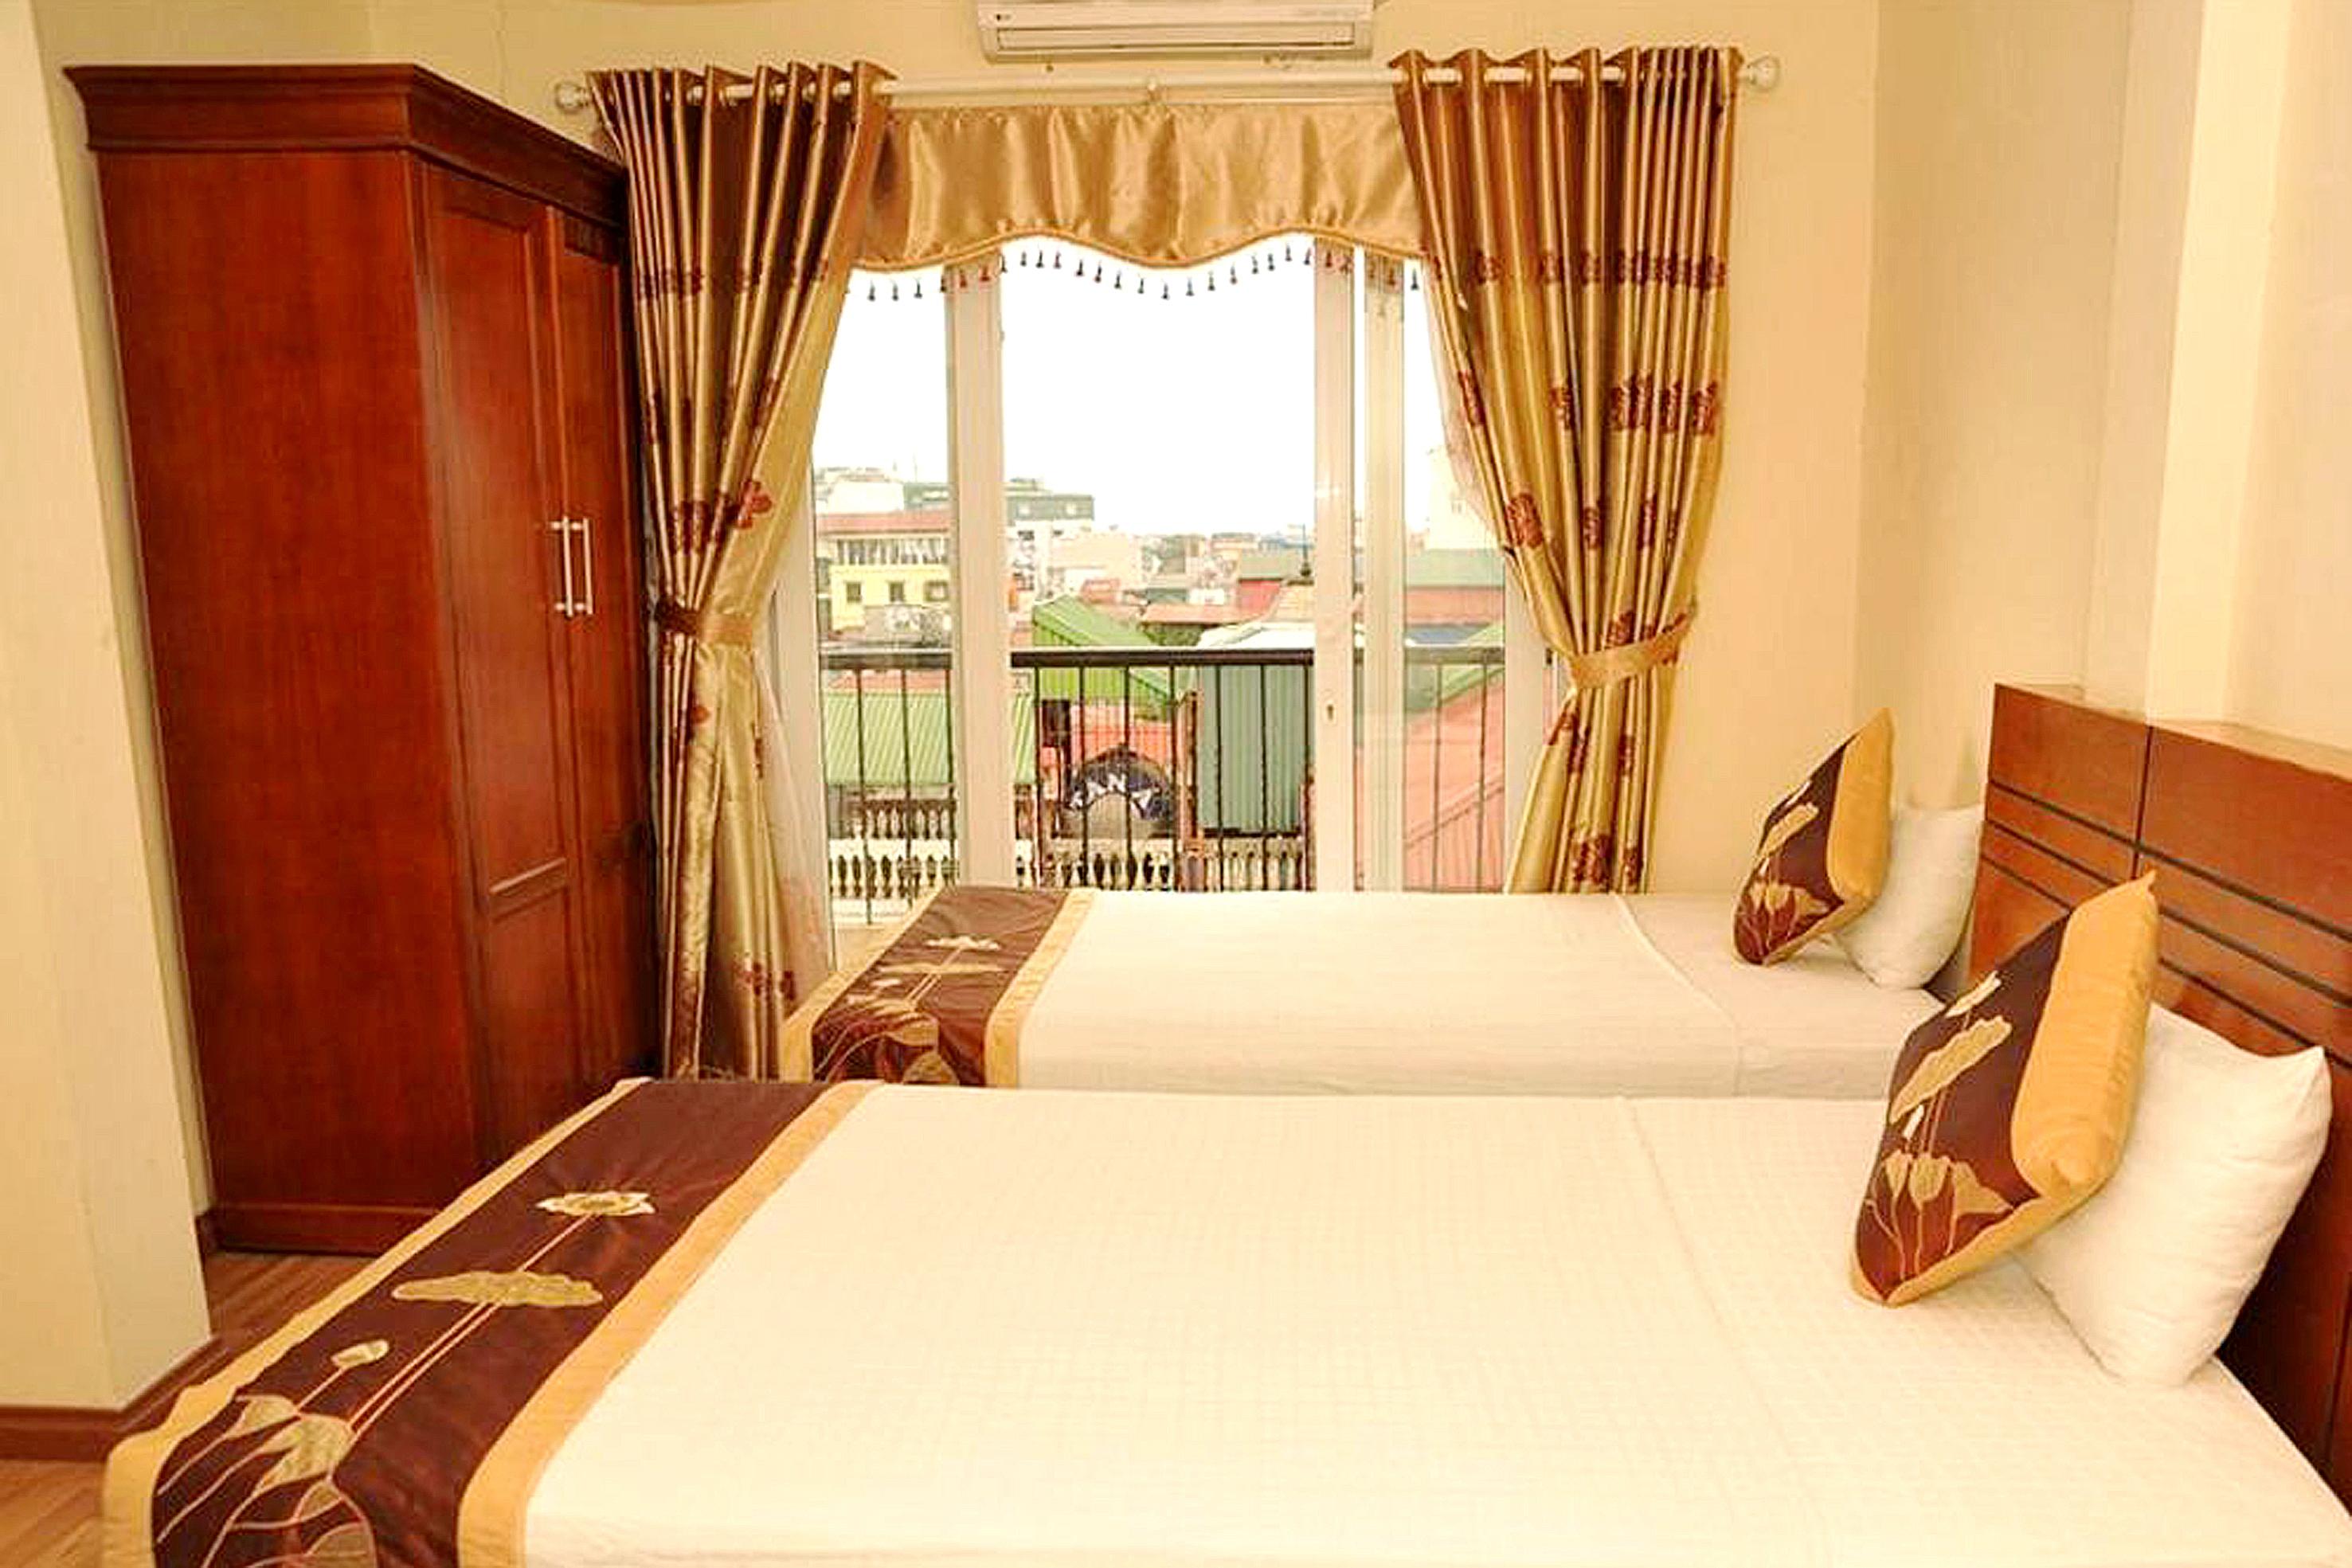 HOSTEL - The World Inn Hotel & Travel